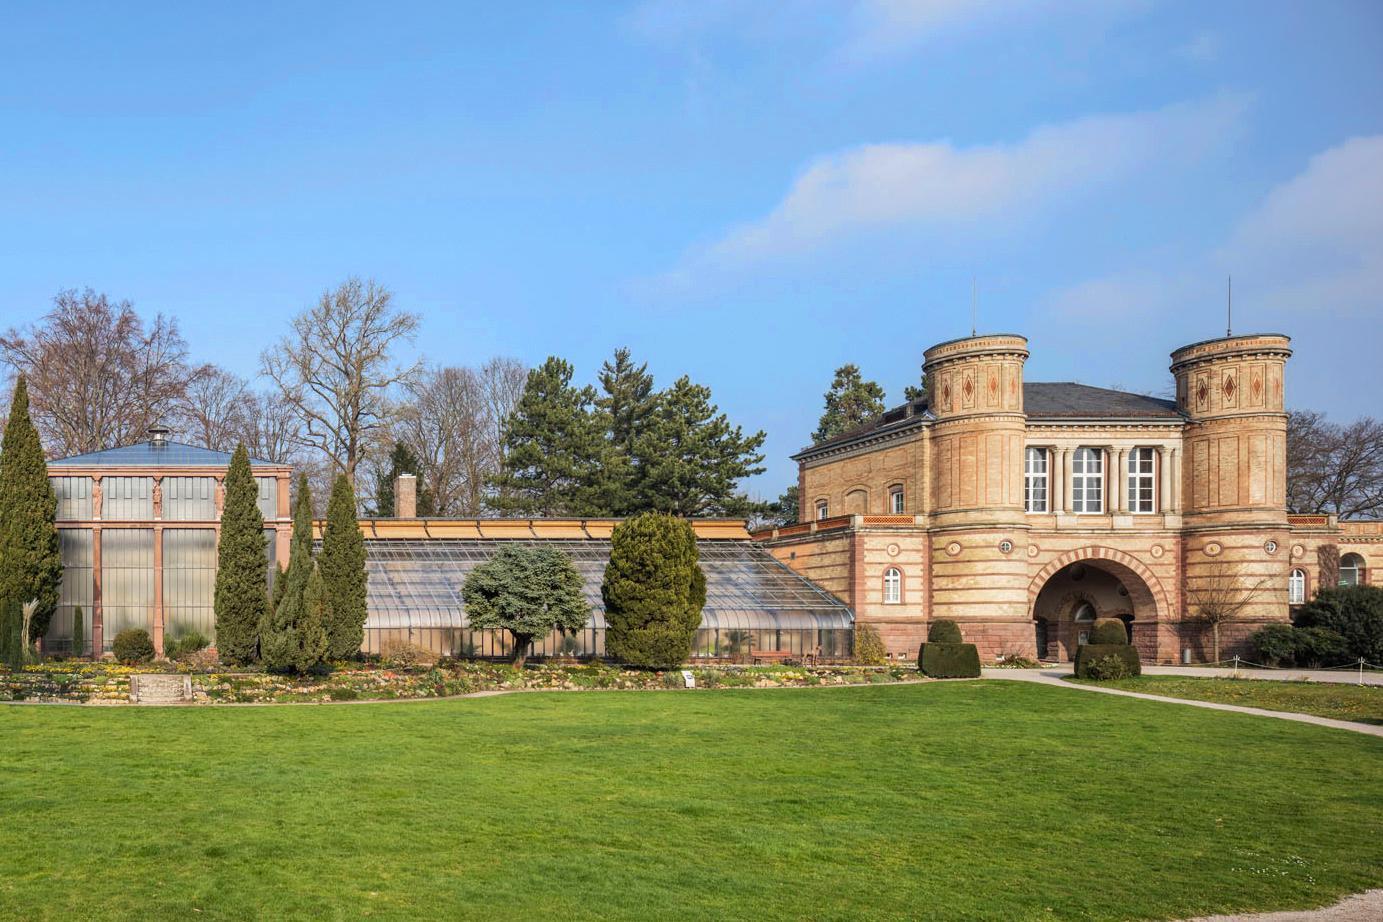 Karlsruhe Botanical Gardens, gatehouse. Image: Staatliche Schlösser und Gärten Baden-Württemberg, Dirk Altenkirch